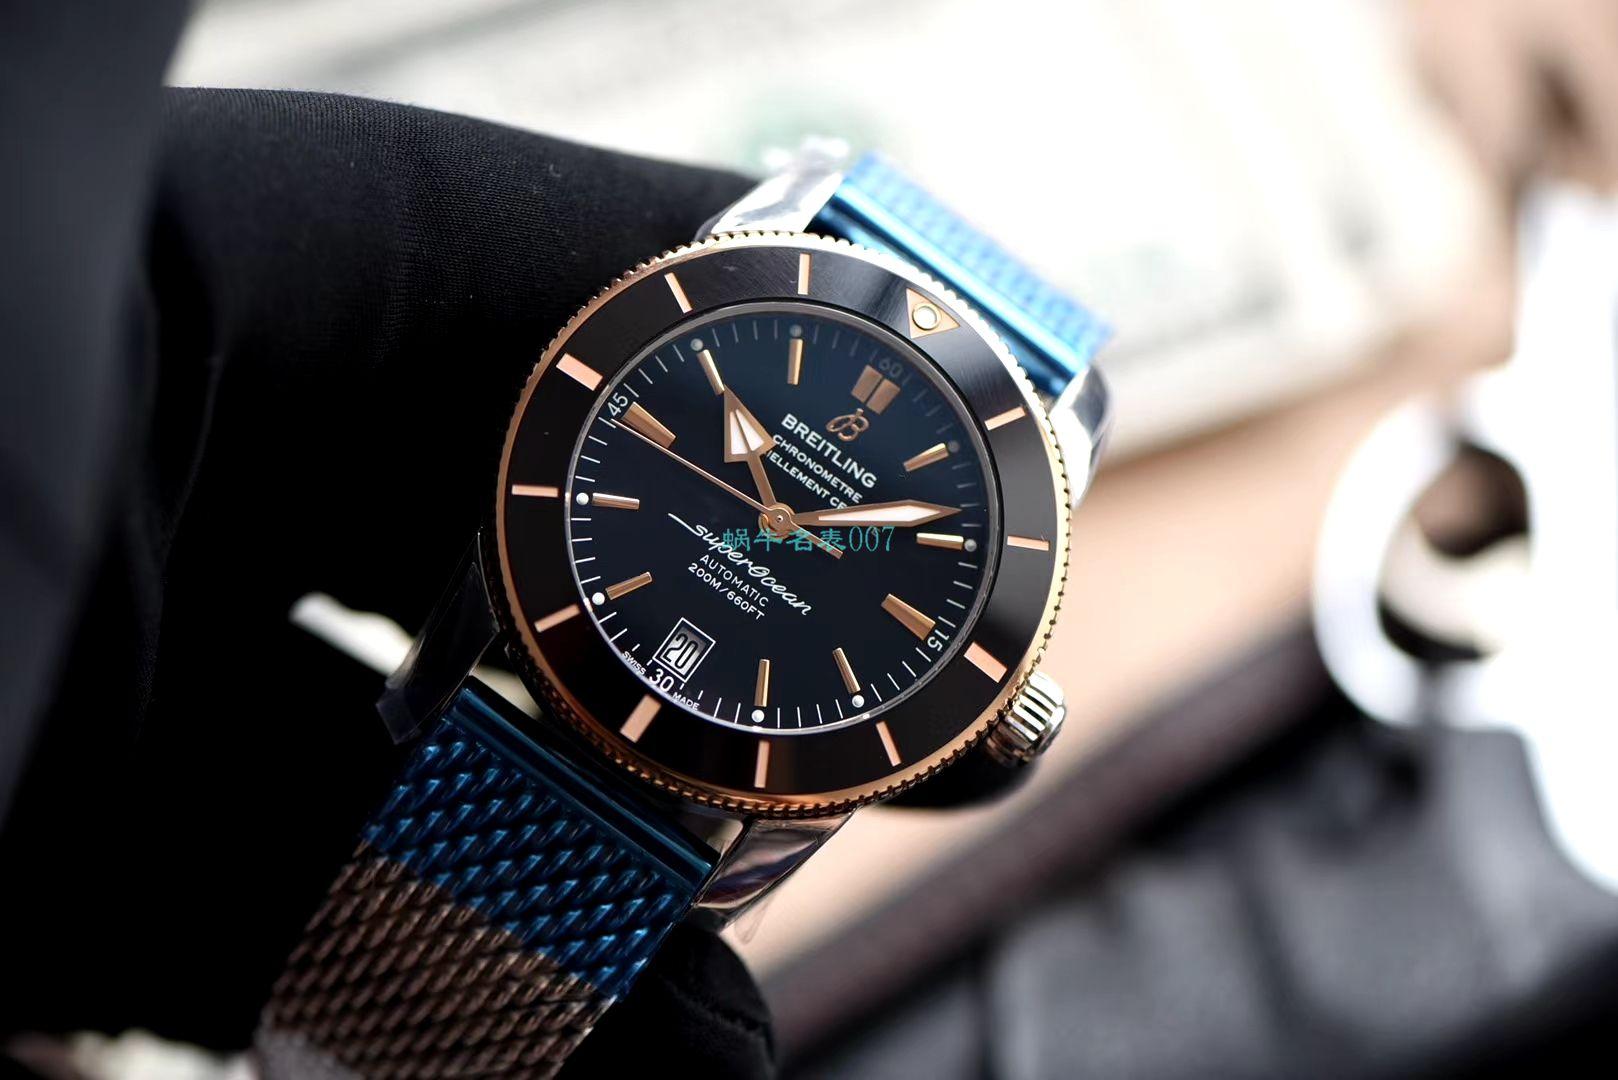 GF厂顶级复刻手表百年灵超级海洋文化二代B20自动机械腕表42系列UB2010121B1S1 / BL159